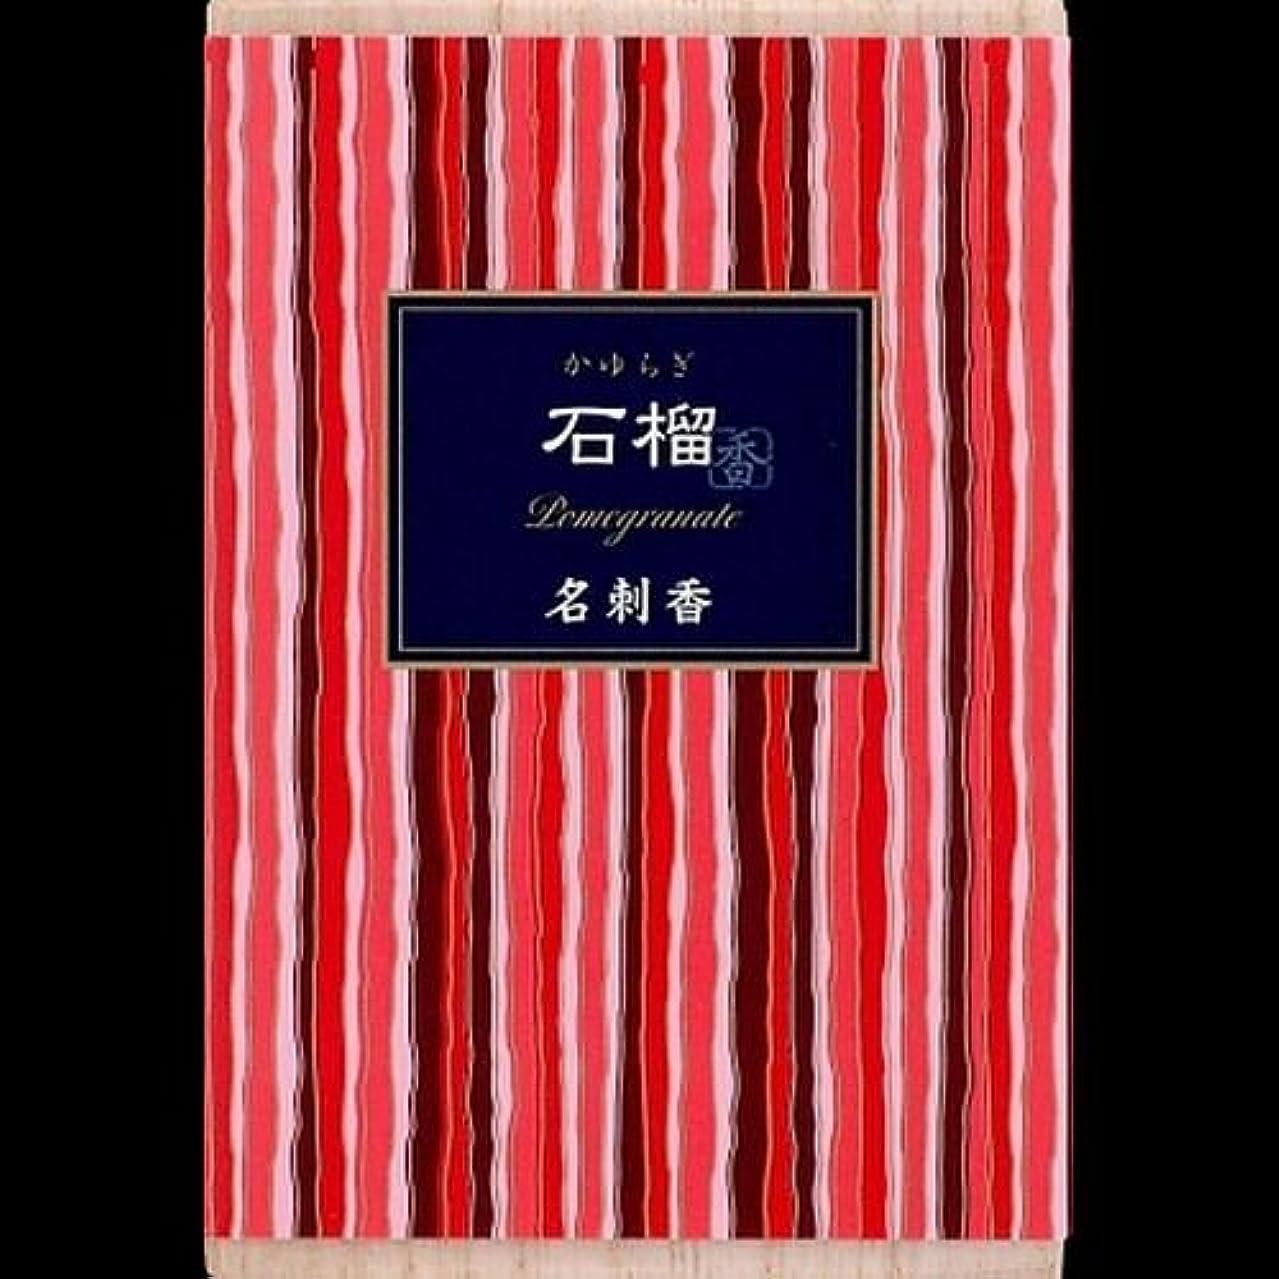 ねじれいとこ光沢【まとめ買い】かゆらぎ 石榴 名刺香 桐箱 6入 ×2セット